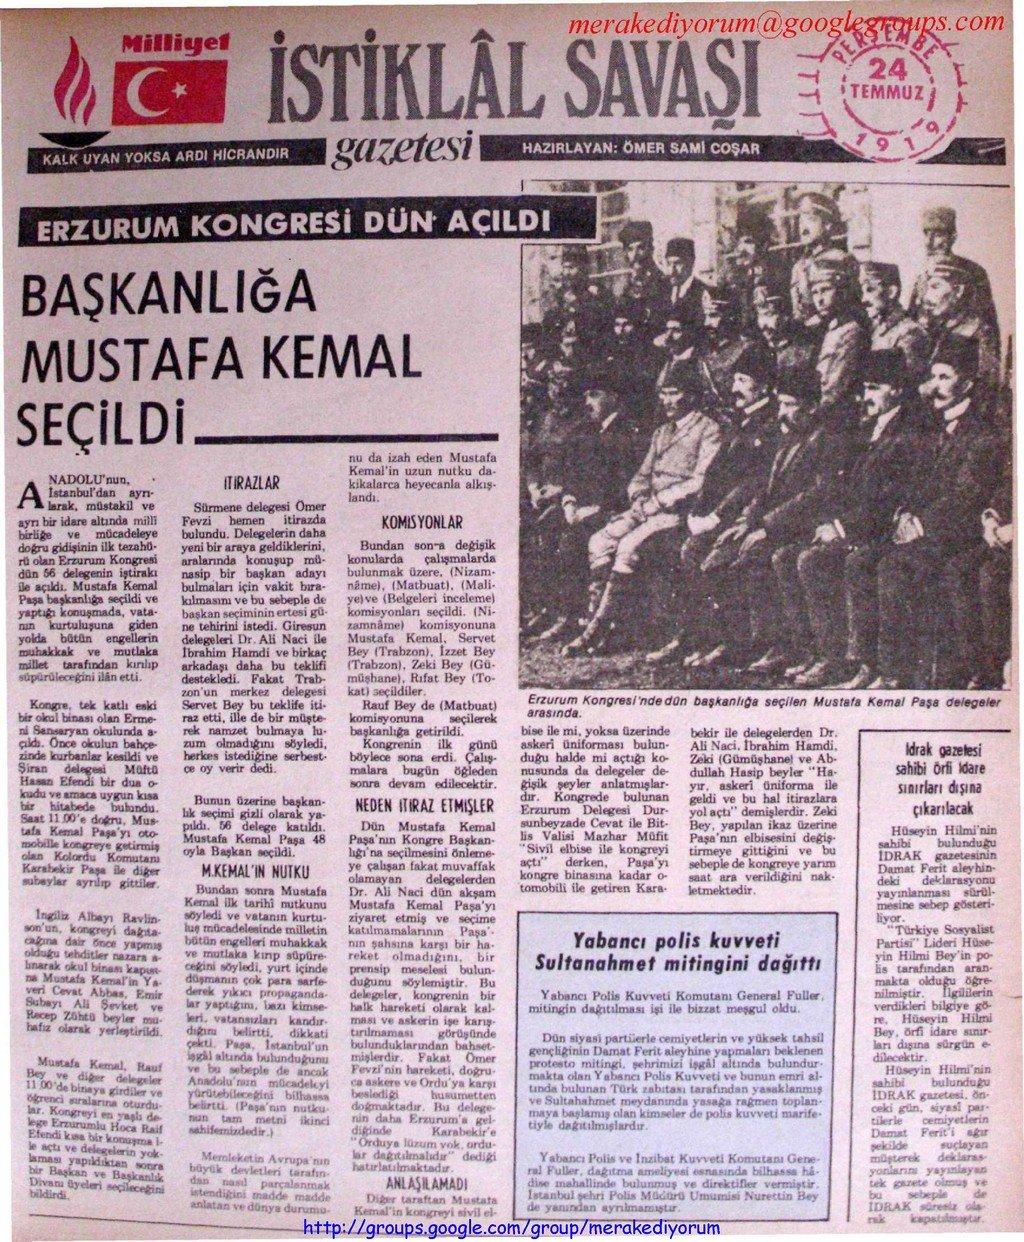 istiklal savaşı gazetesi - 24 temmuz 1919